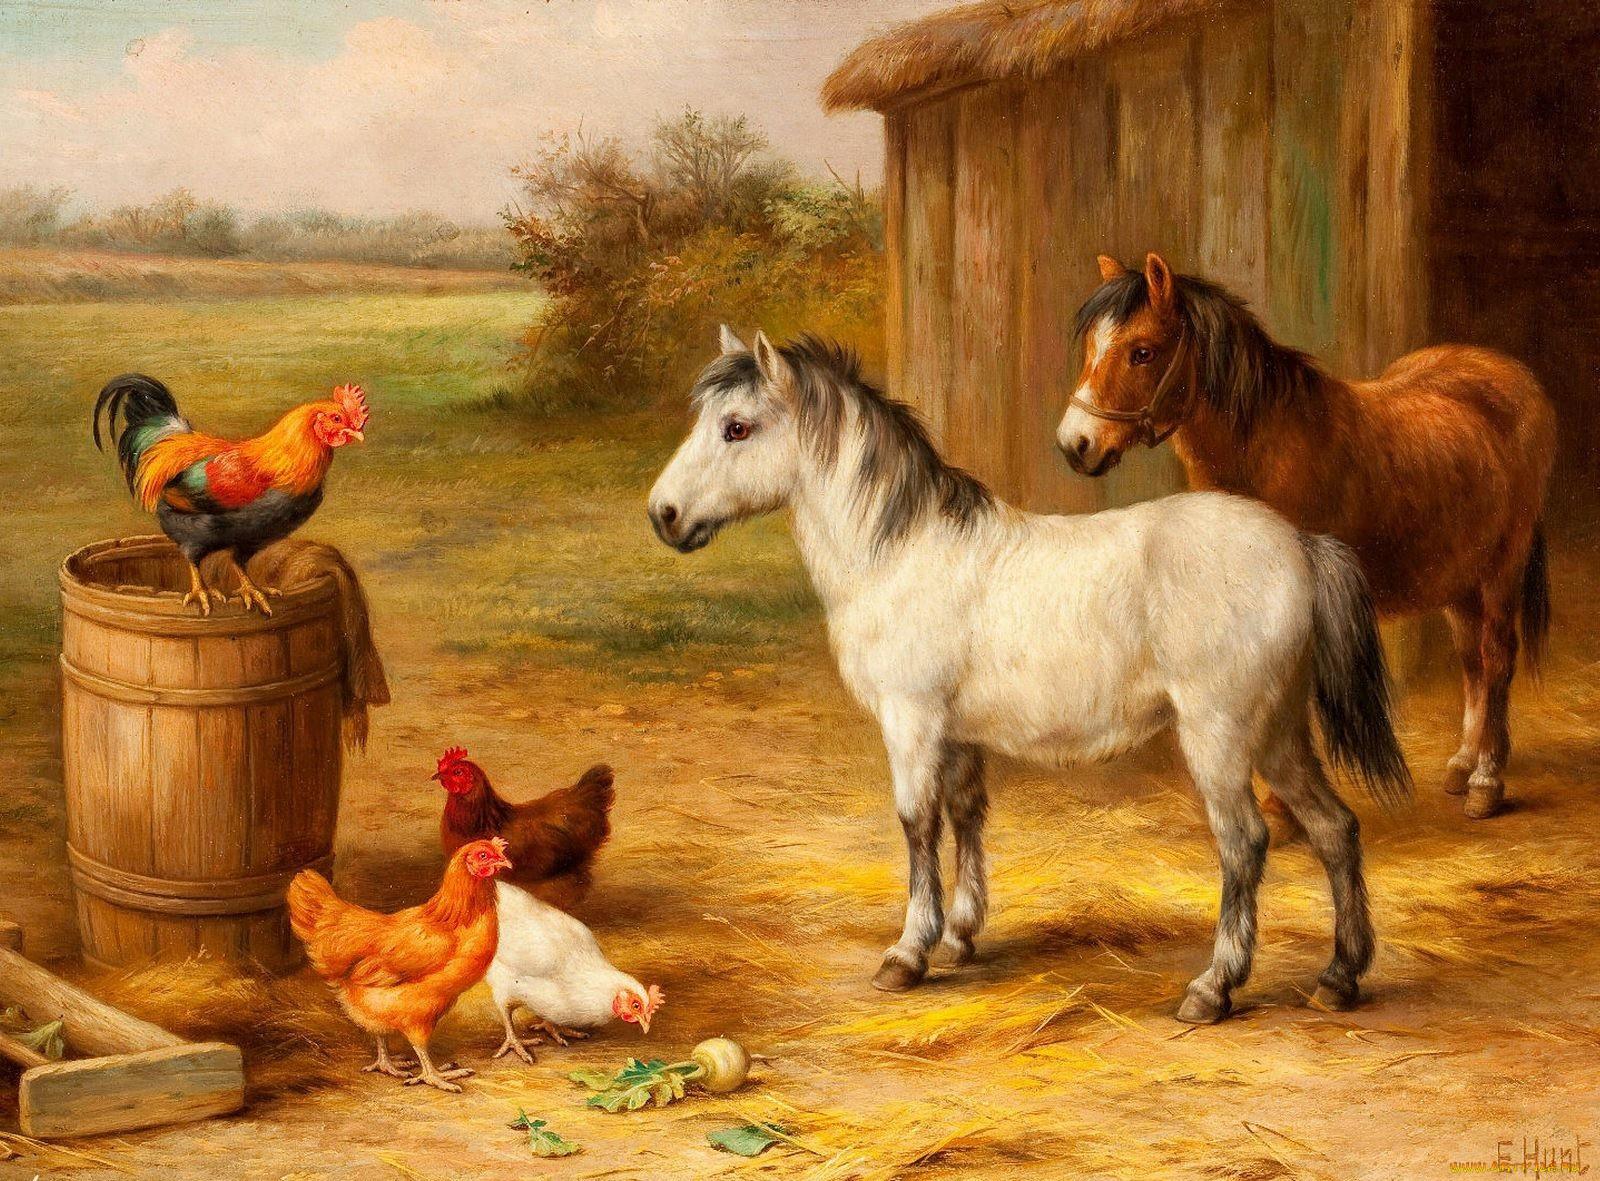 картинка скотный двор домашние животные одинокая девушка